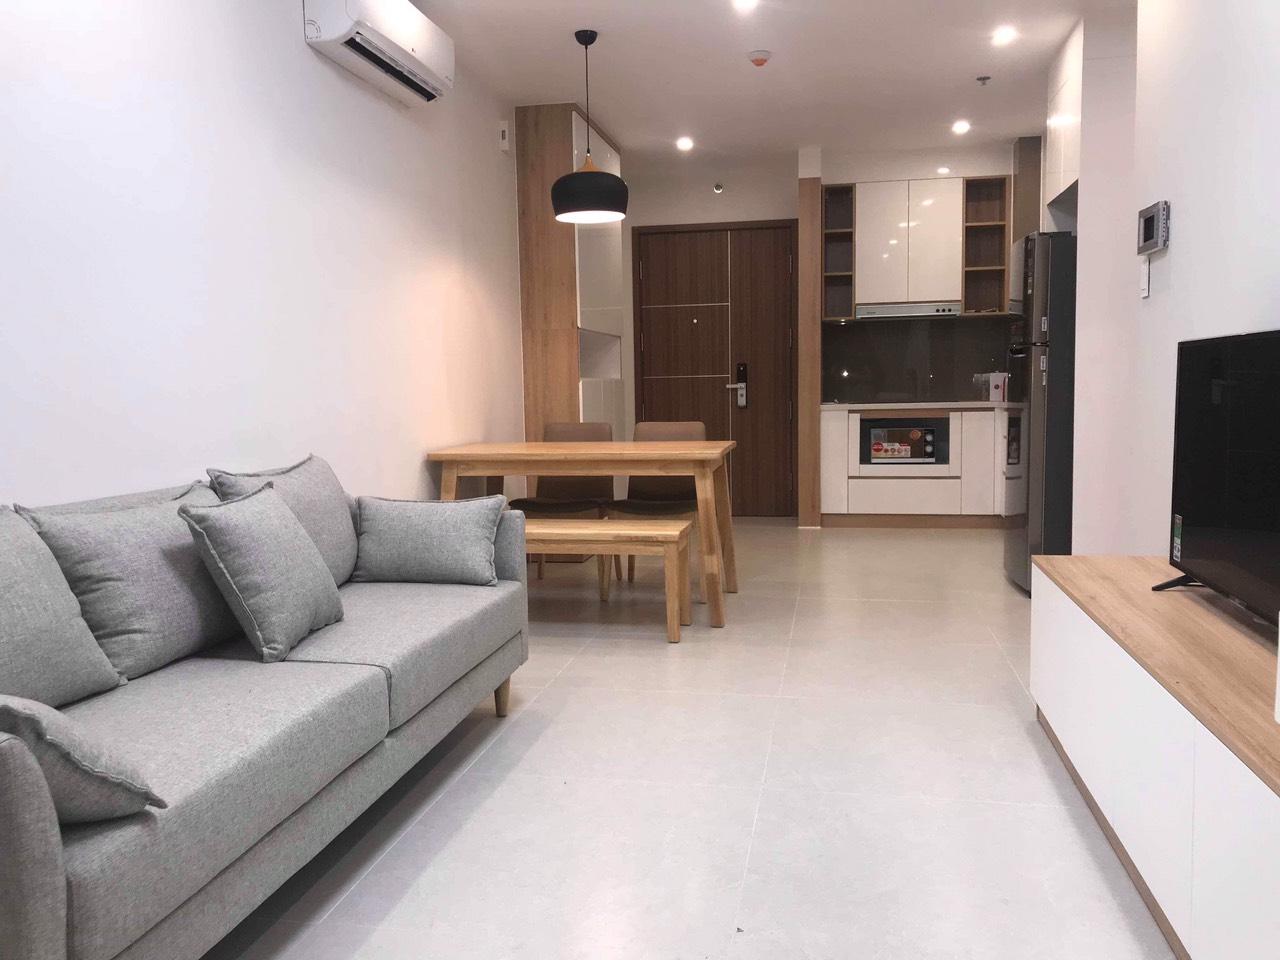 Cho thuê 2 phòng ngủ New City Thủ Thiêm - ID 010138